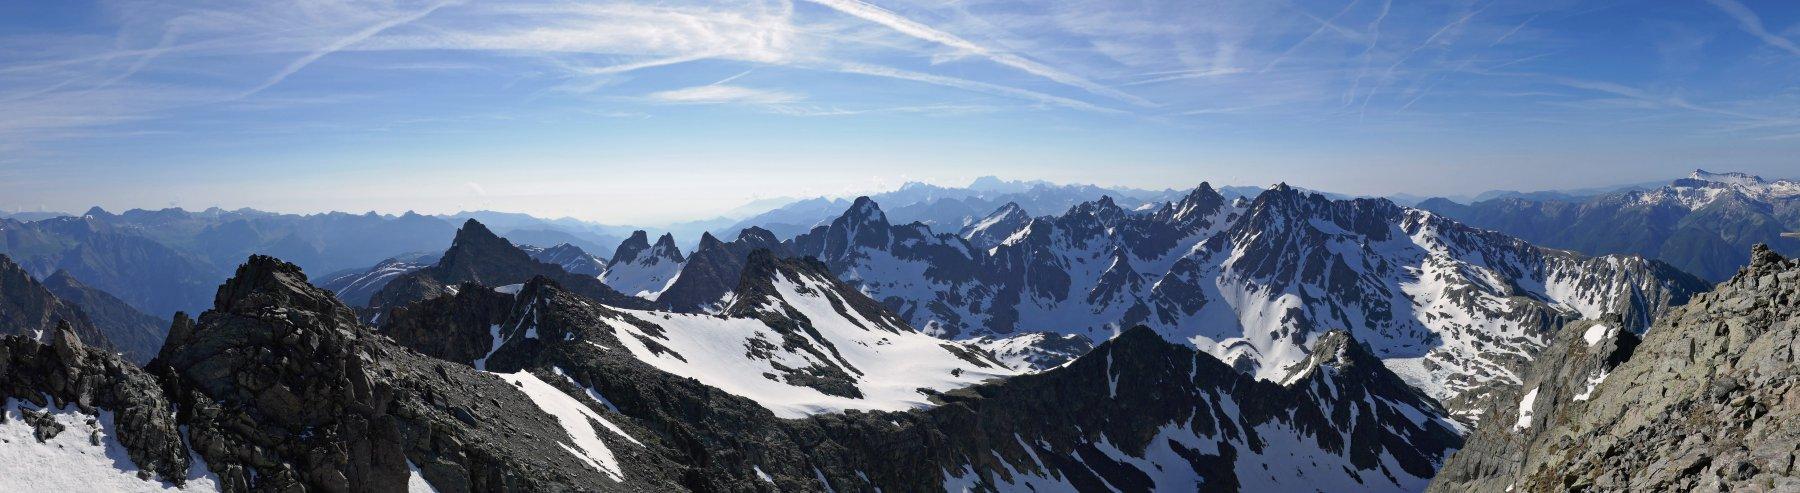 Panoramica dalla cima del Tenìbres